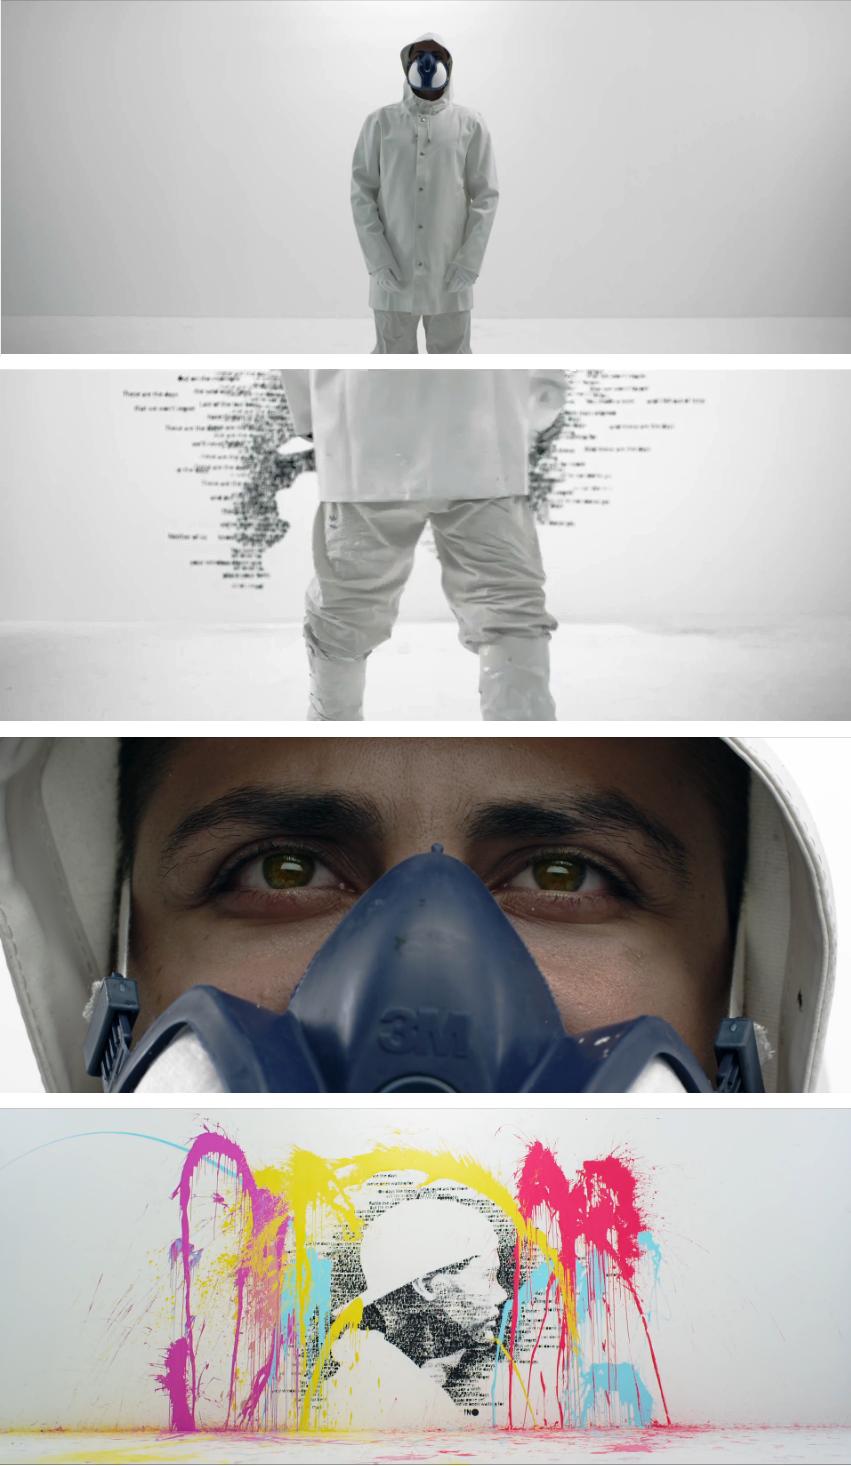 avicii-the-days-hd-song-video-mp3-ebola-illuminati-predictive-programming